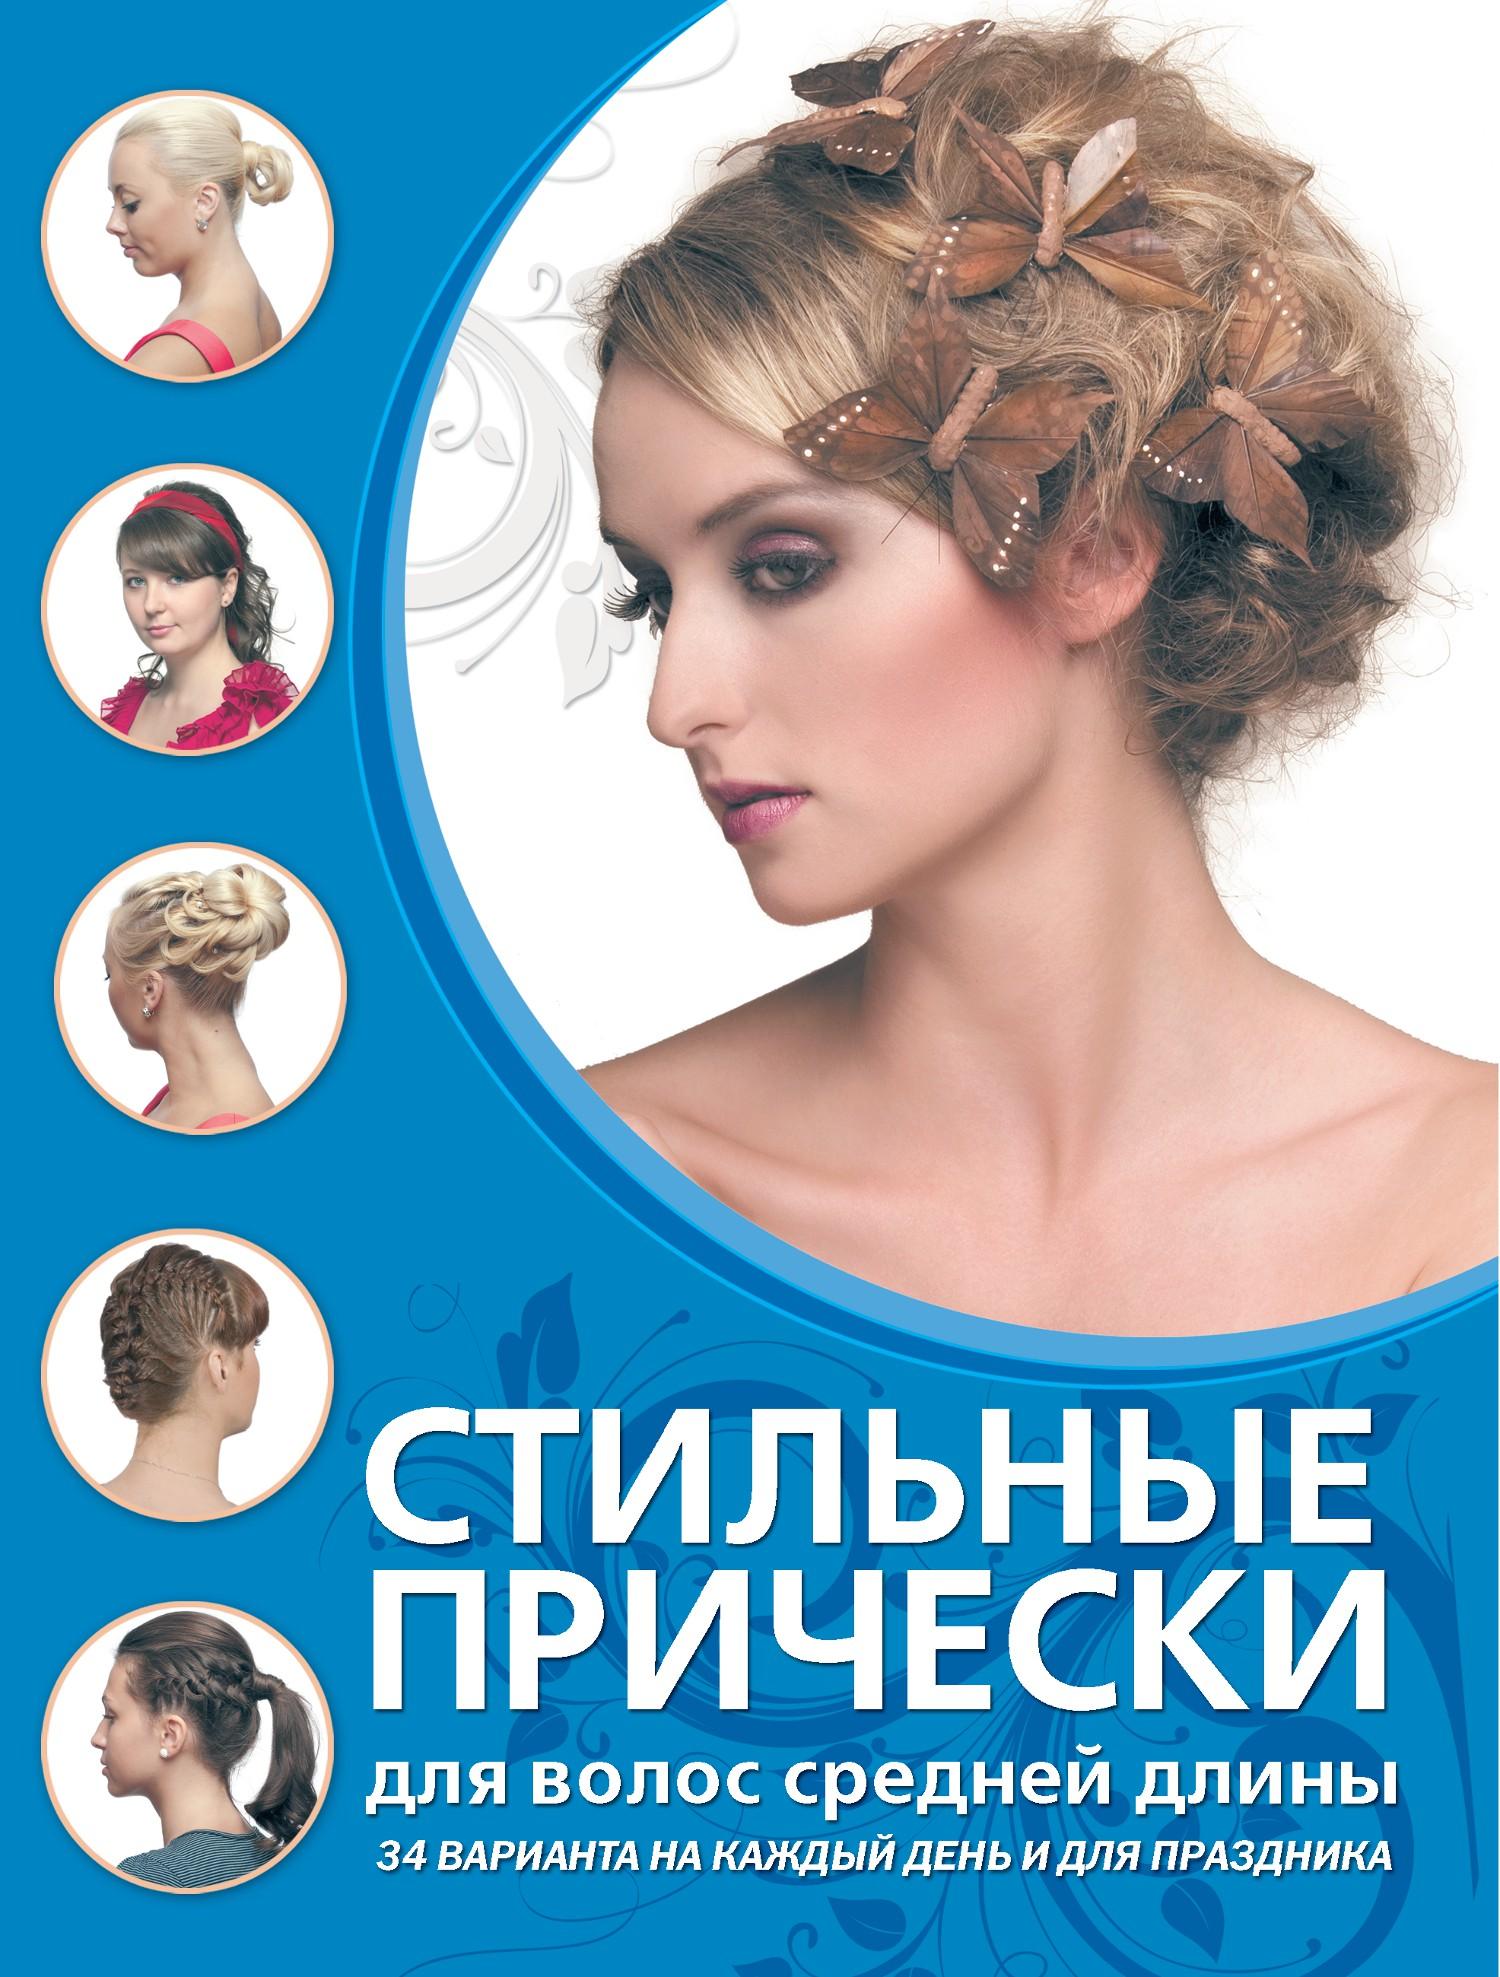 Екатерина Шульженко Стильные прически для волос средней длины